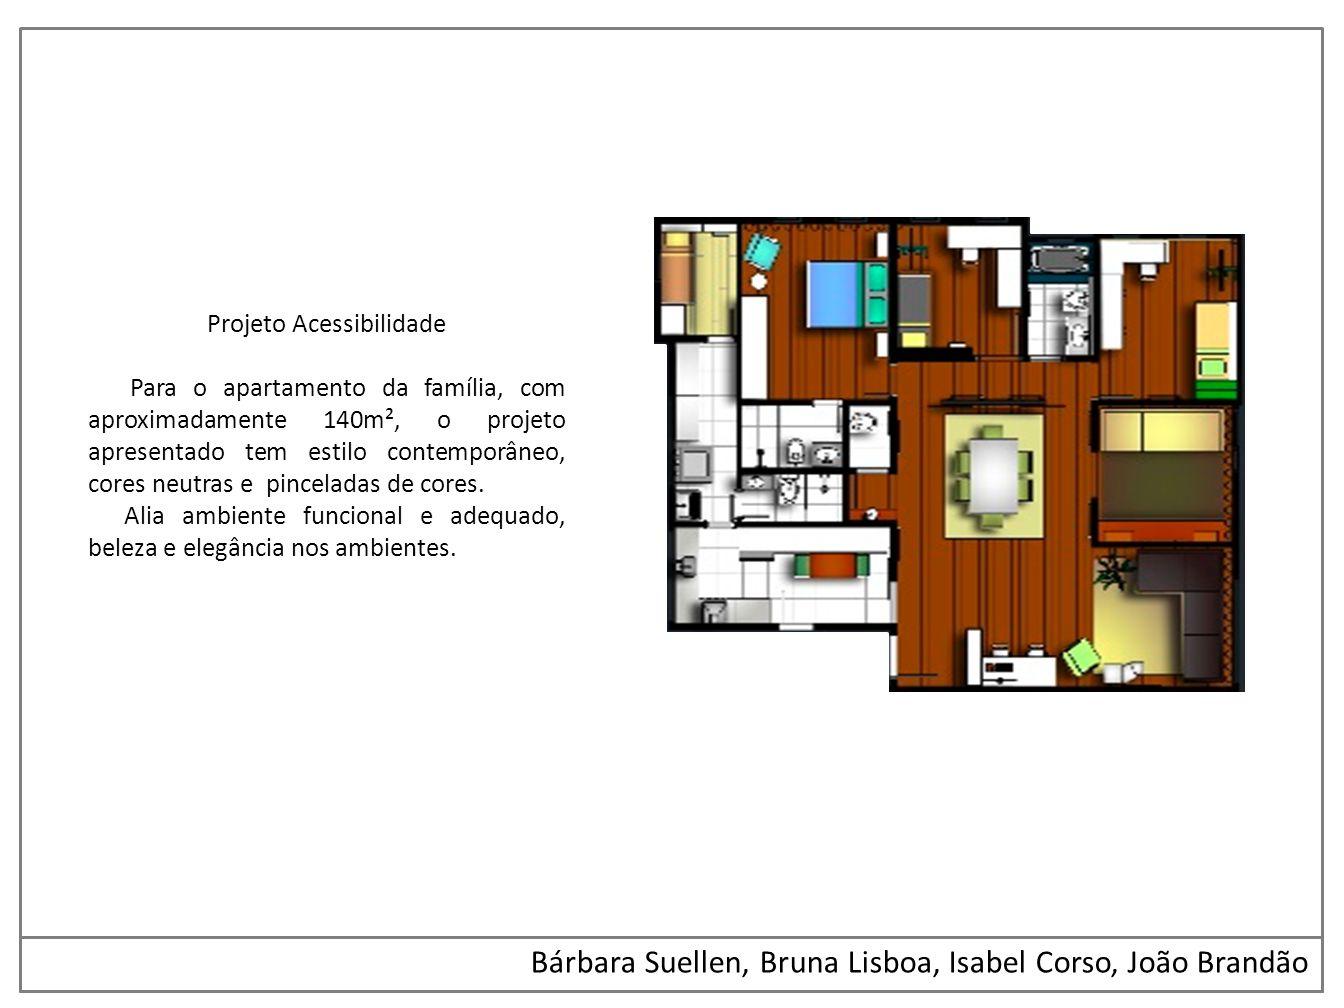 Bárbara Suellen, Bruna Lisboa, Isabel Corso, João Brandão Projeto Acessibilidade Para o apartamento da família, com aproximadamente 140m², o projeto a